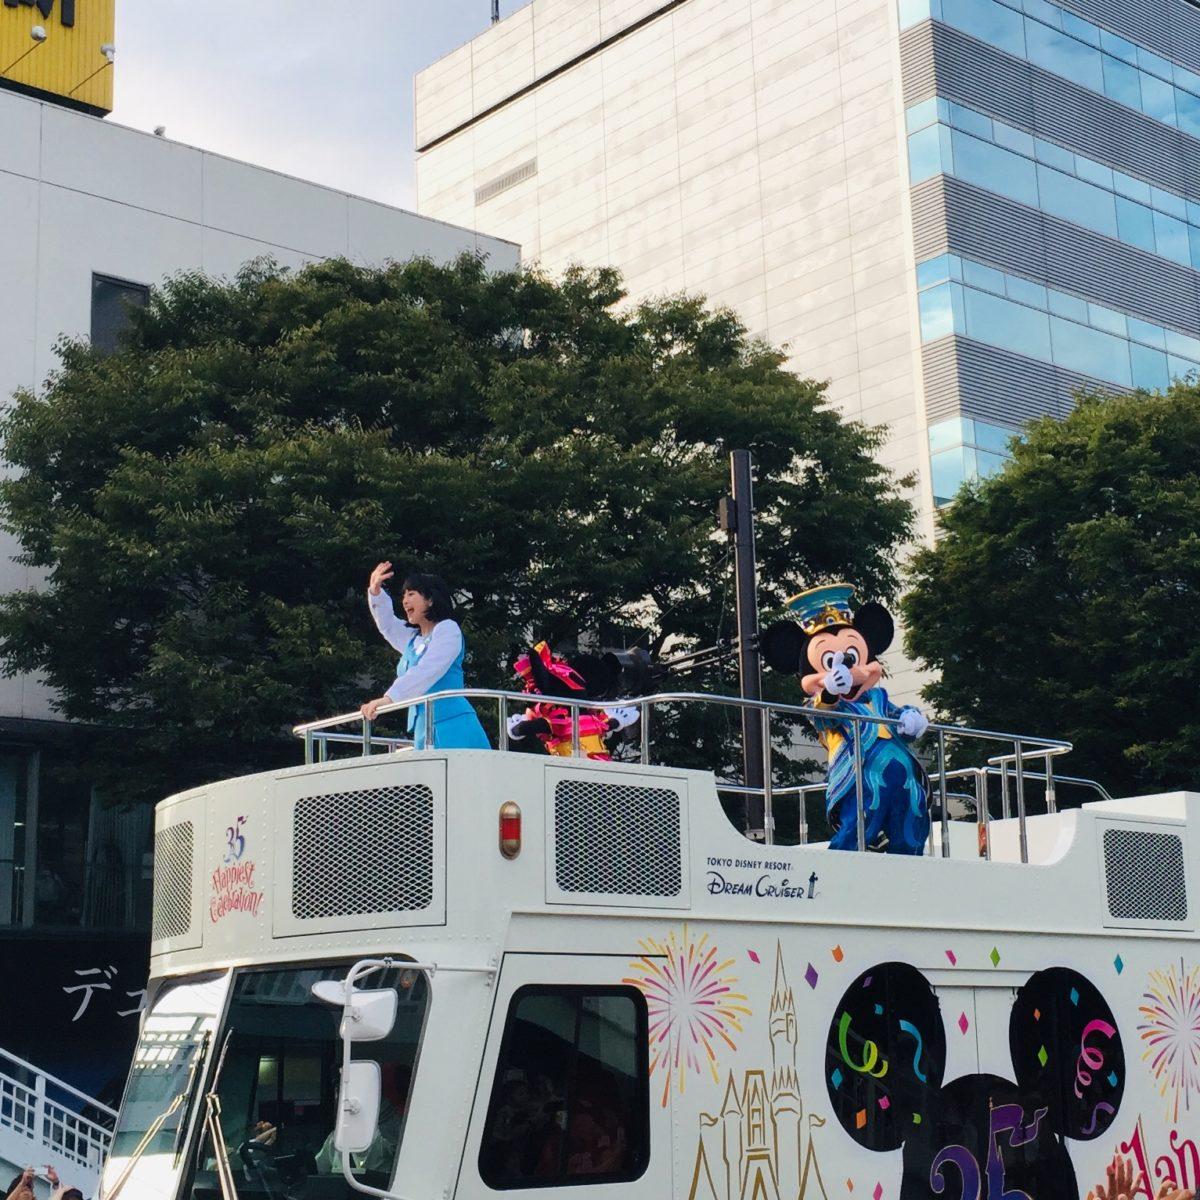 甲府市で開かれた東京ディズニーリゾート35周年スペシャルパレードでの決めポーズなミッキー